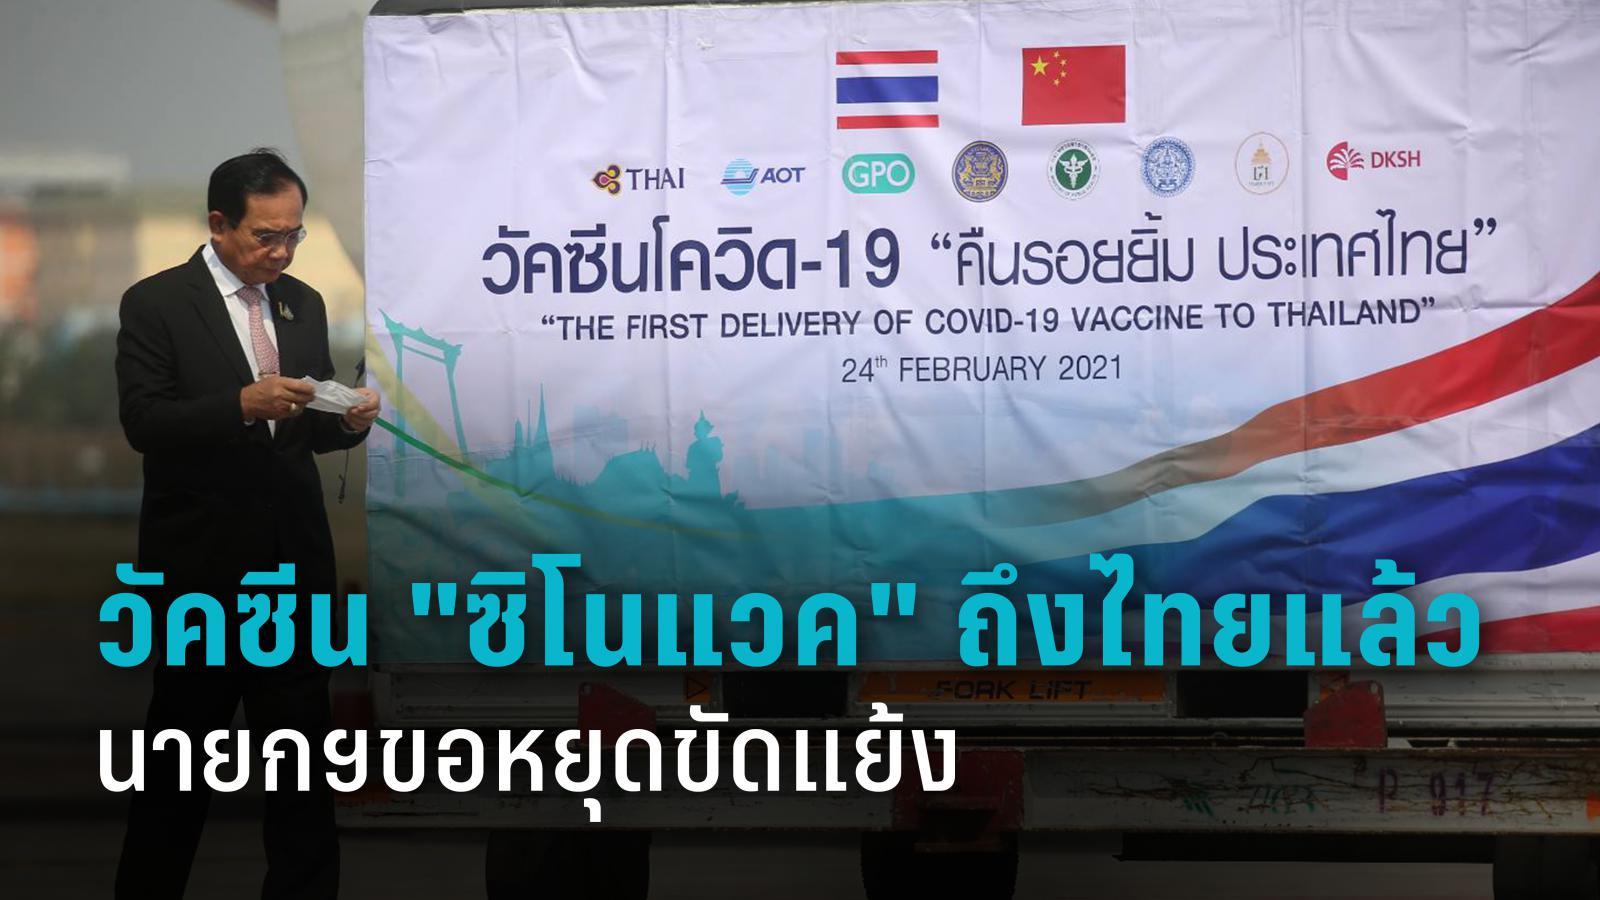 """วัคซีนโควิด-19 ถึงไทย """"ซิโนแวค"""" 2 แสน โดส """"บิ๊กตู่"""" นำทีมรับ ขอหยุดขัดแย้ง เผยอีก 3 ยี่ห้อเปิดดีลนำเข้า"""